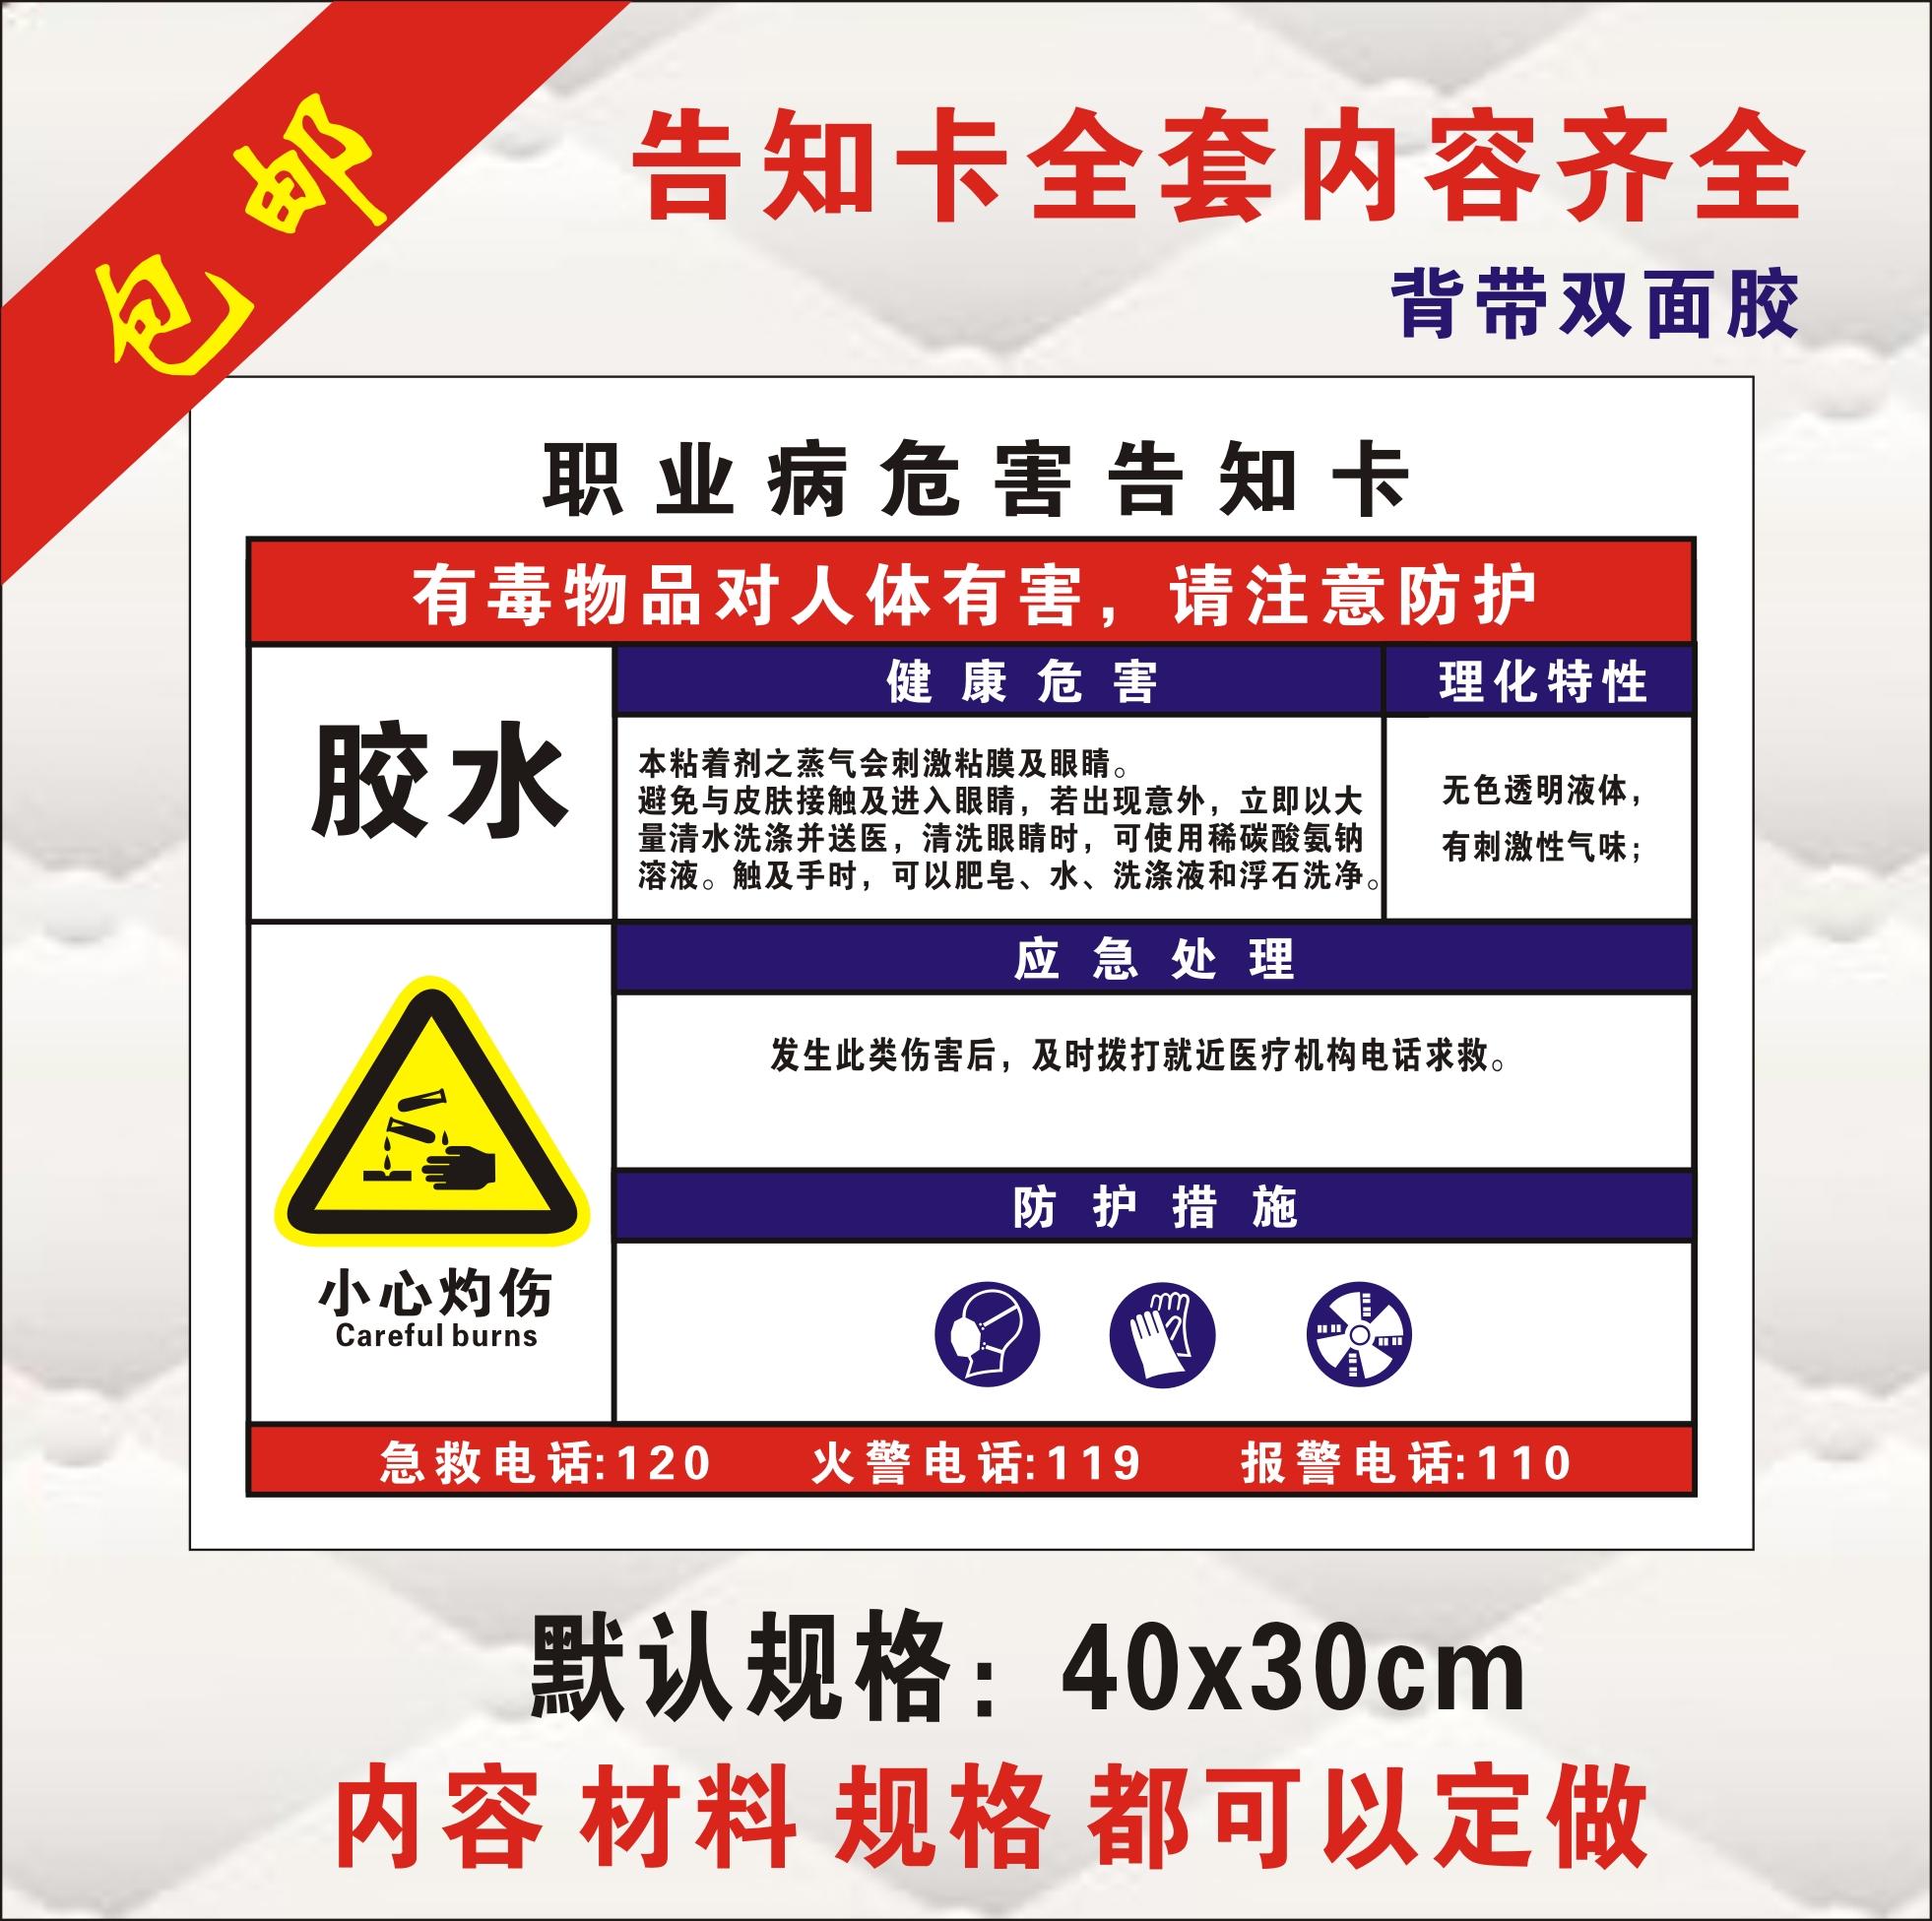 危险化学品周知卡警示标识牌 职业病危害告知卡牌 胶水安全标志牌